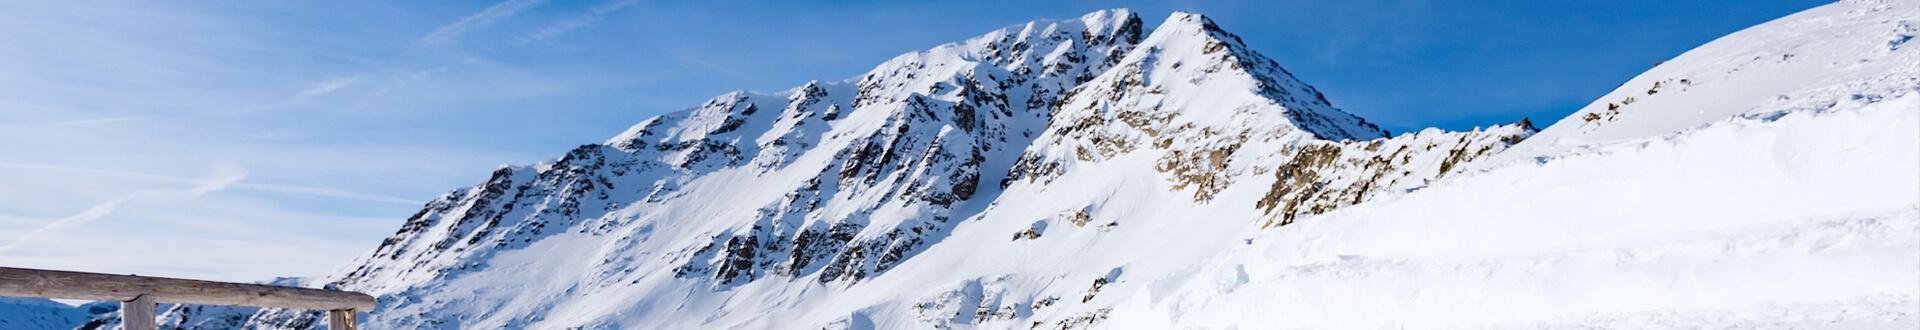 testata all mountain 1920x330 9